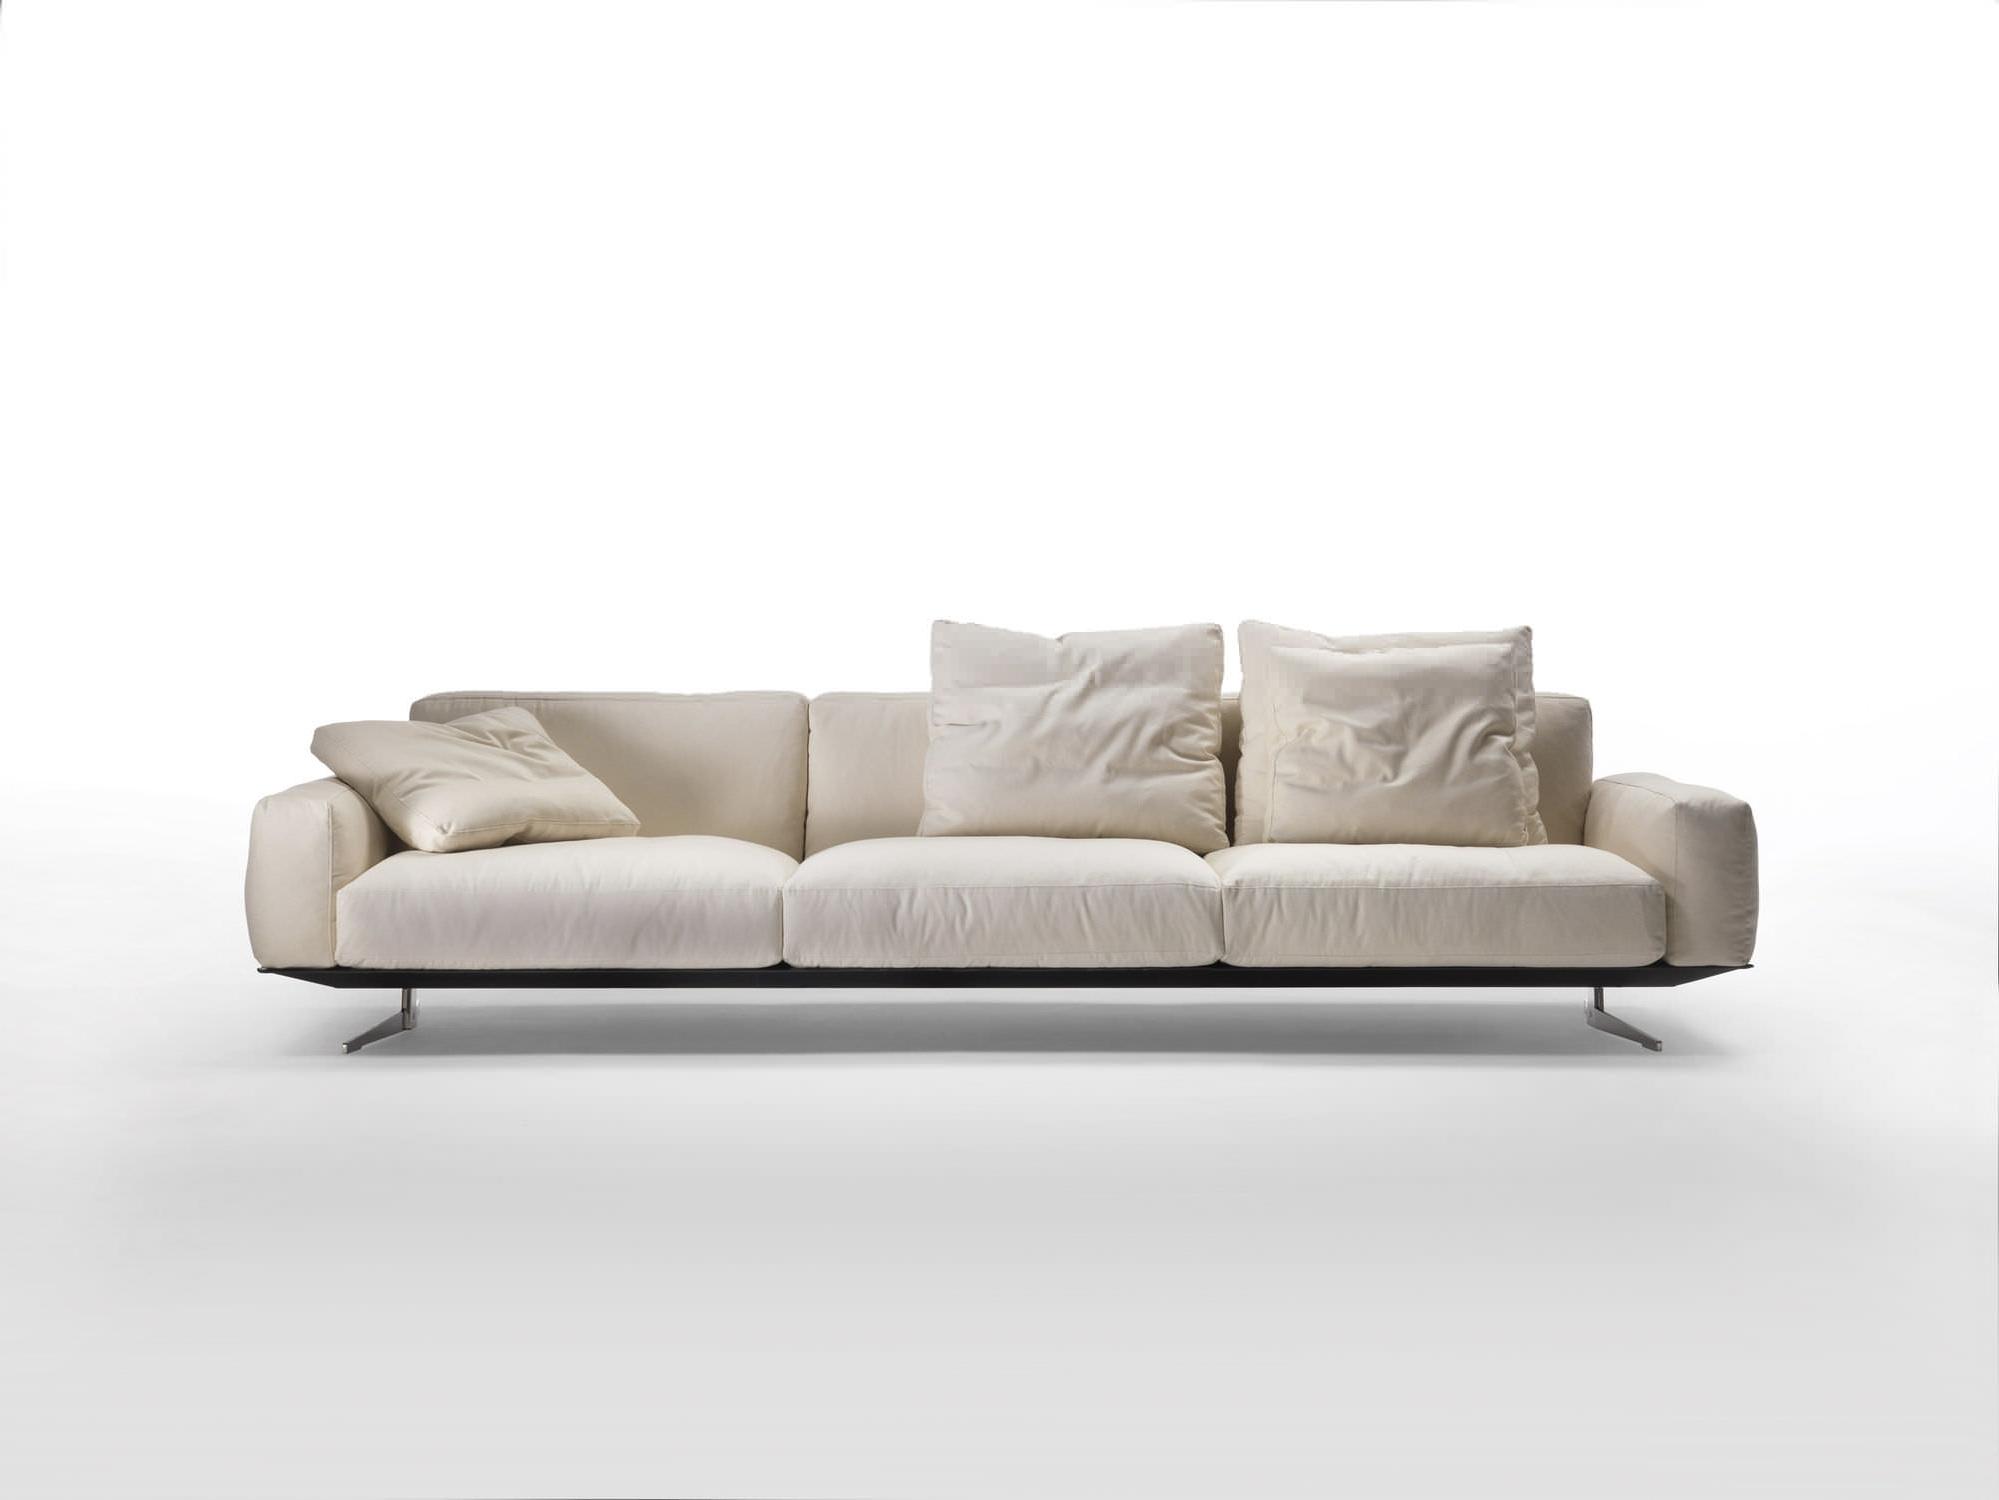 Newest Modular Sofa / Corner / Contemporary / Fabric – Soft Dream (View 16 of 20)